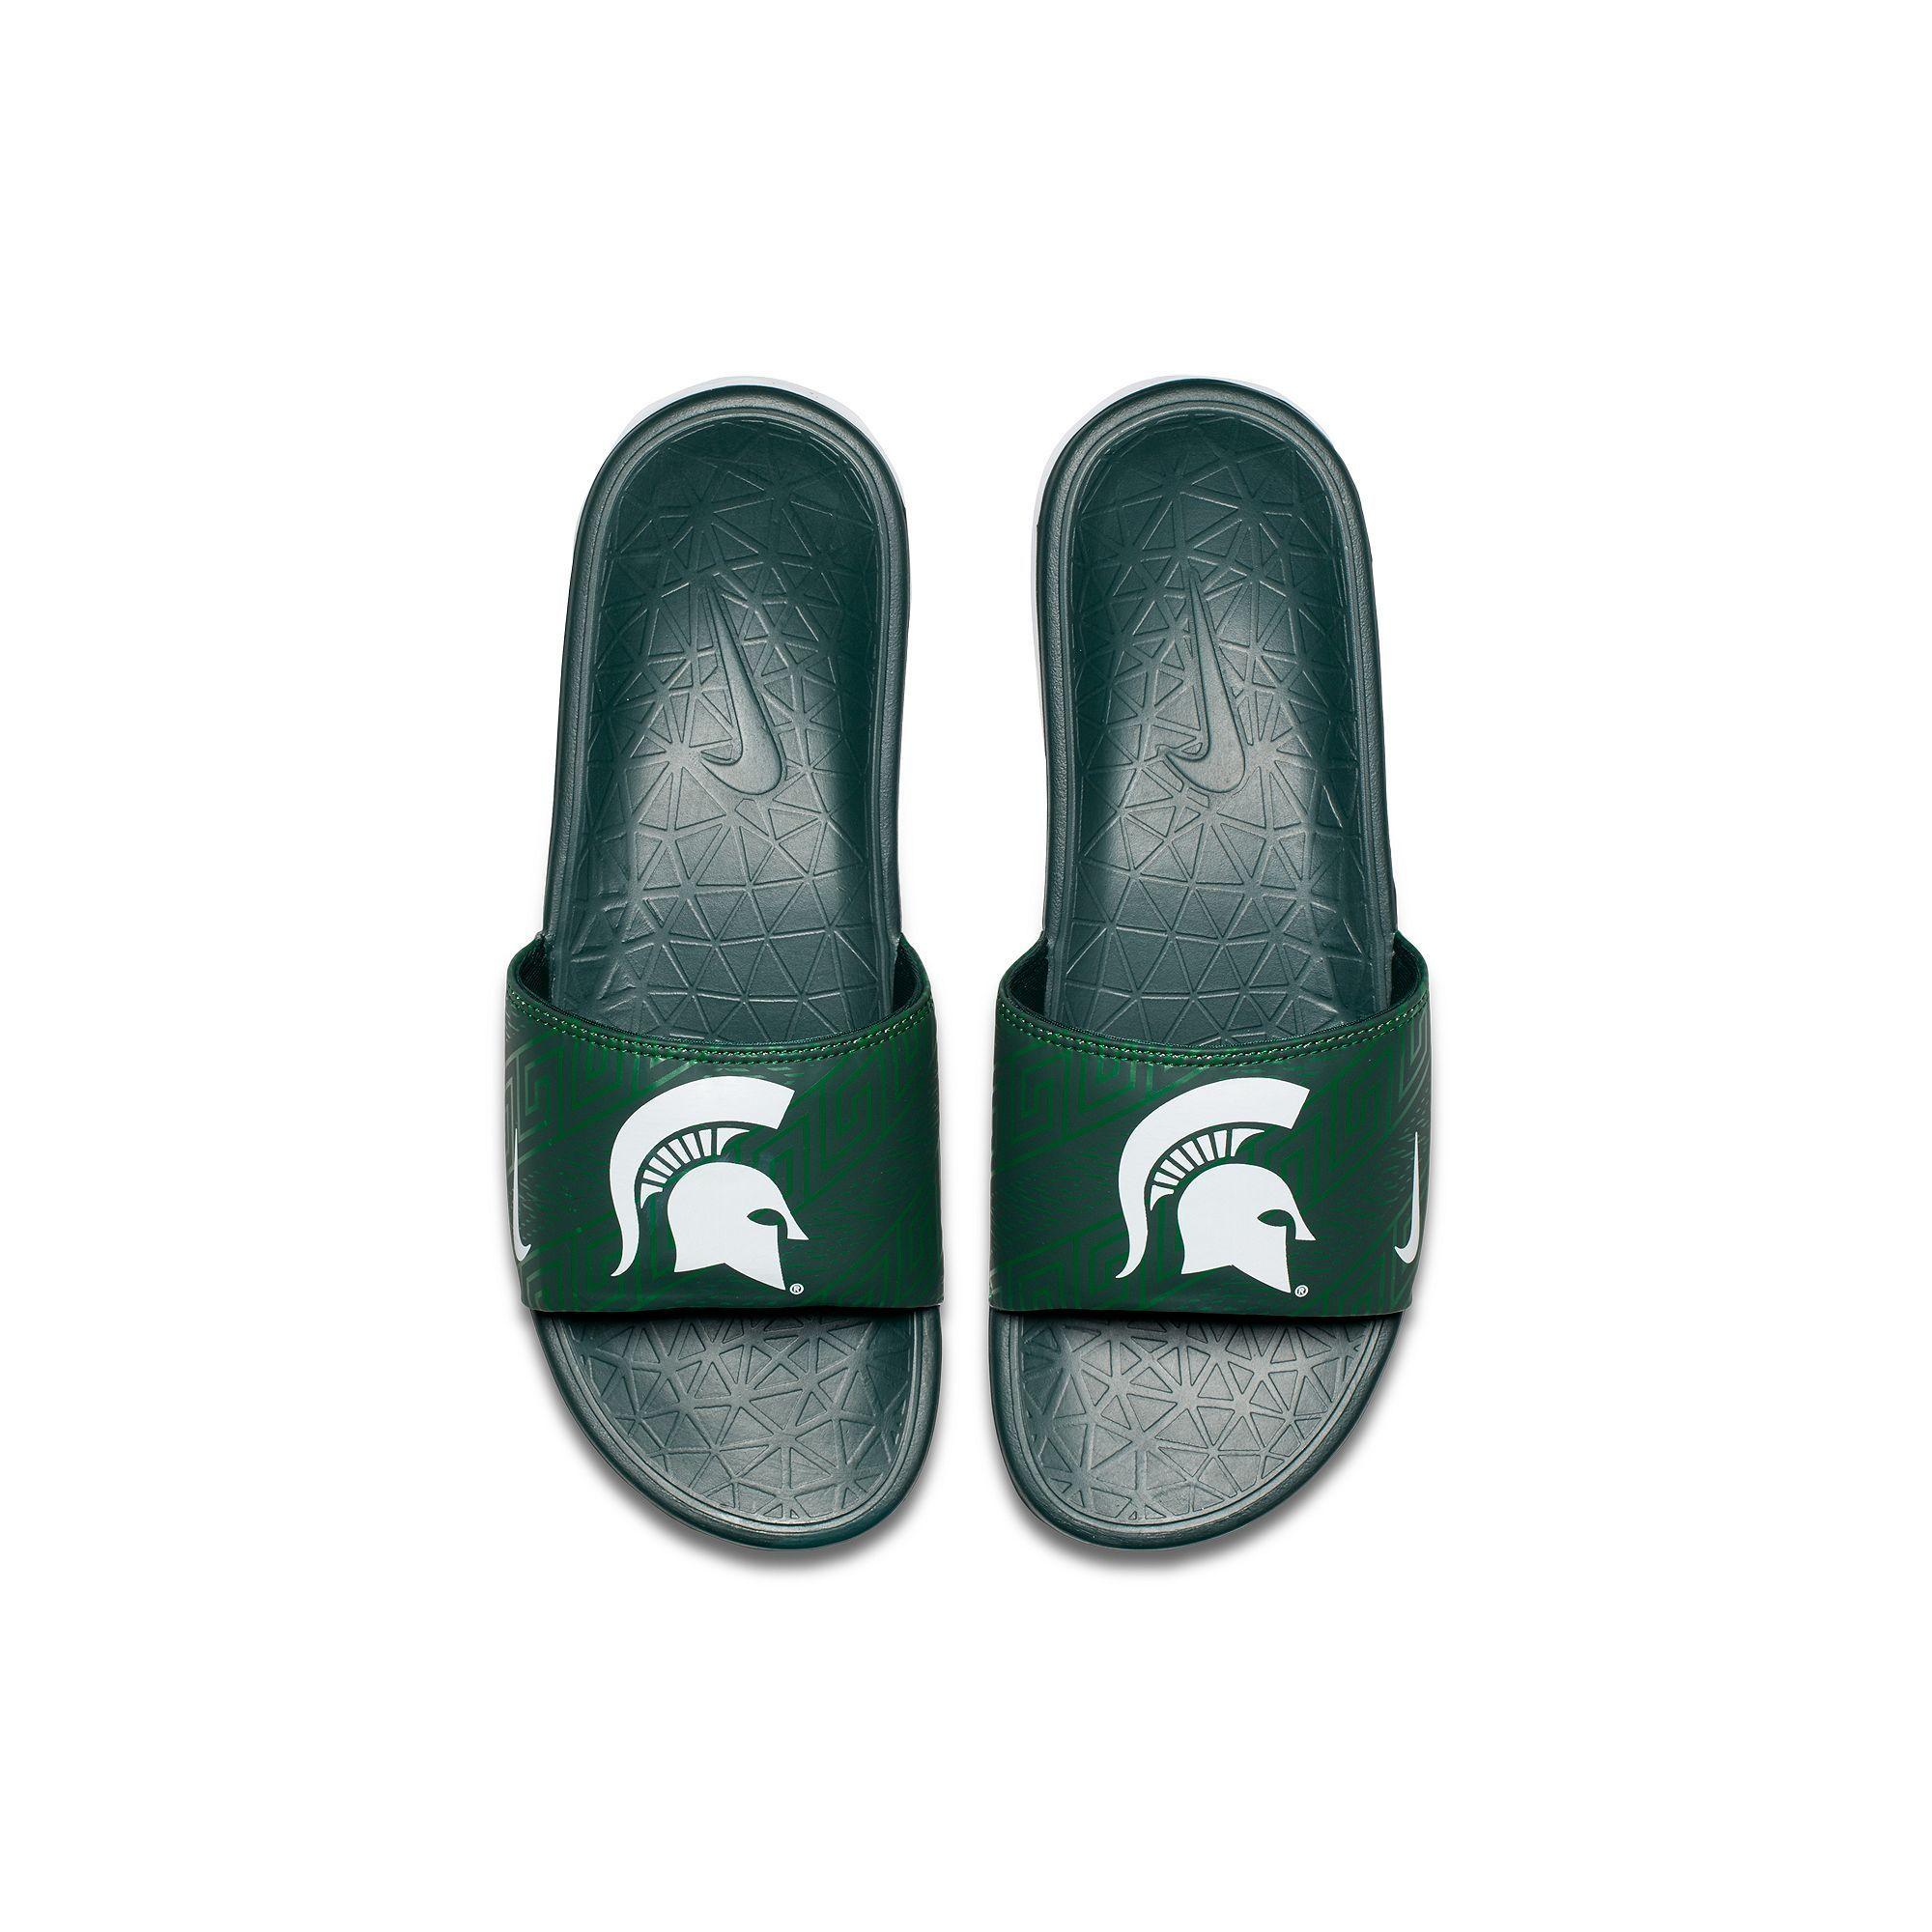 ca675da2e4d Men s Nike Michigan State Spartans Benassi Slide Sandals